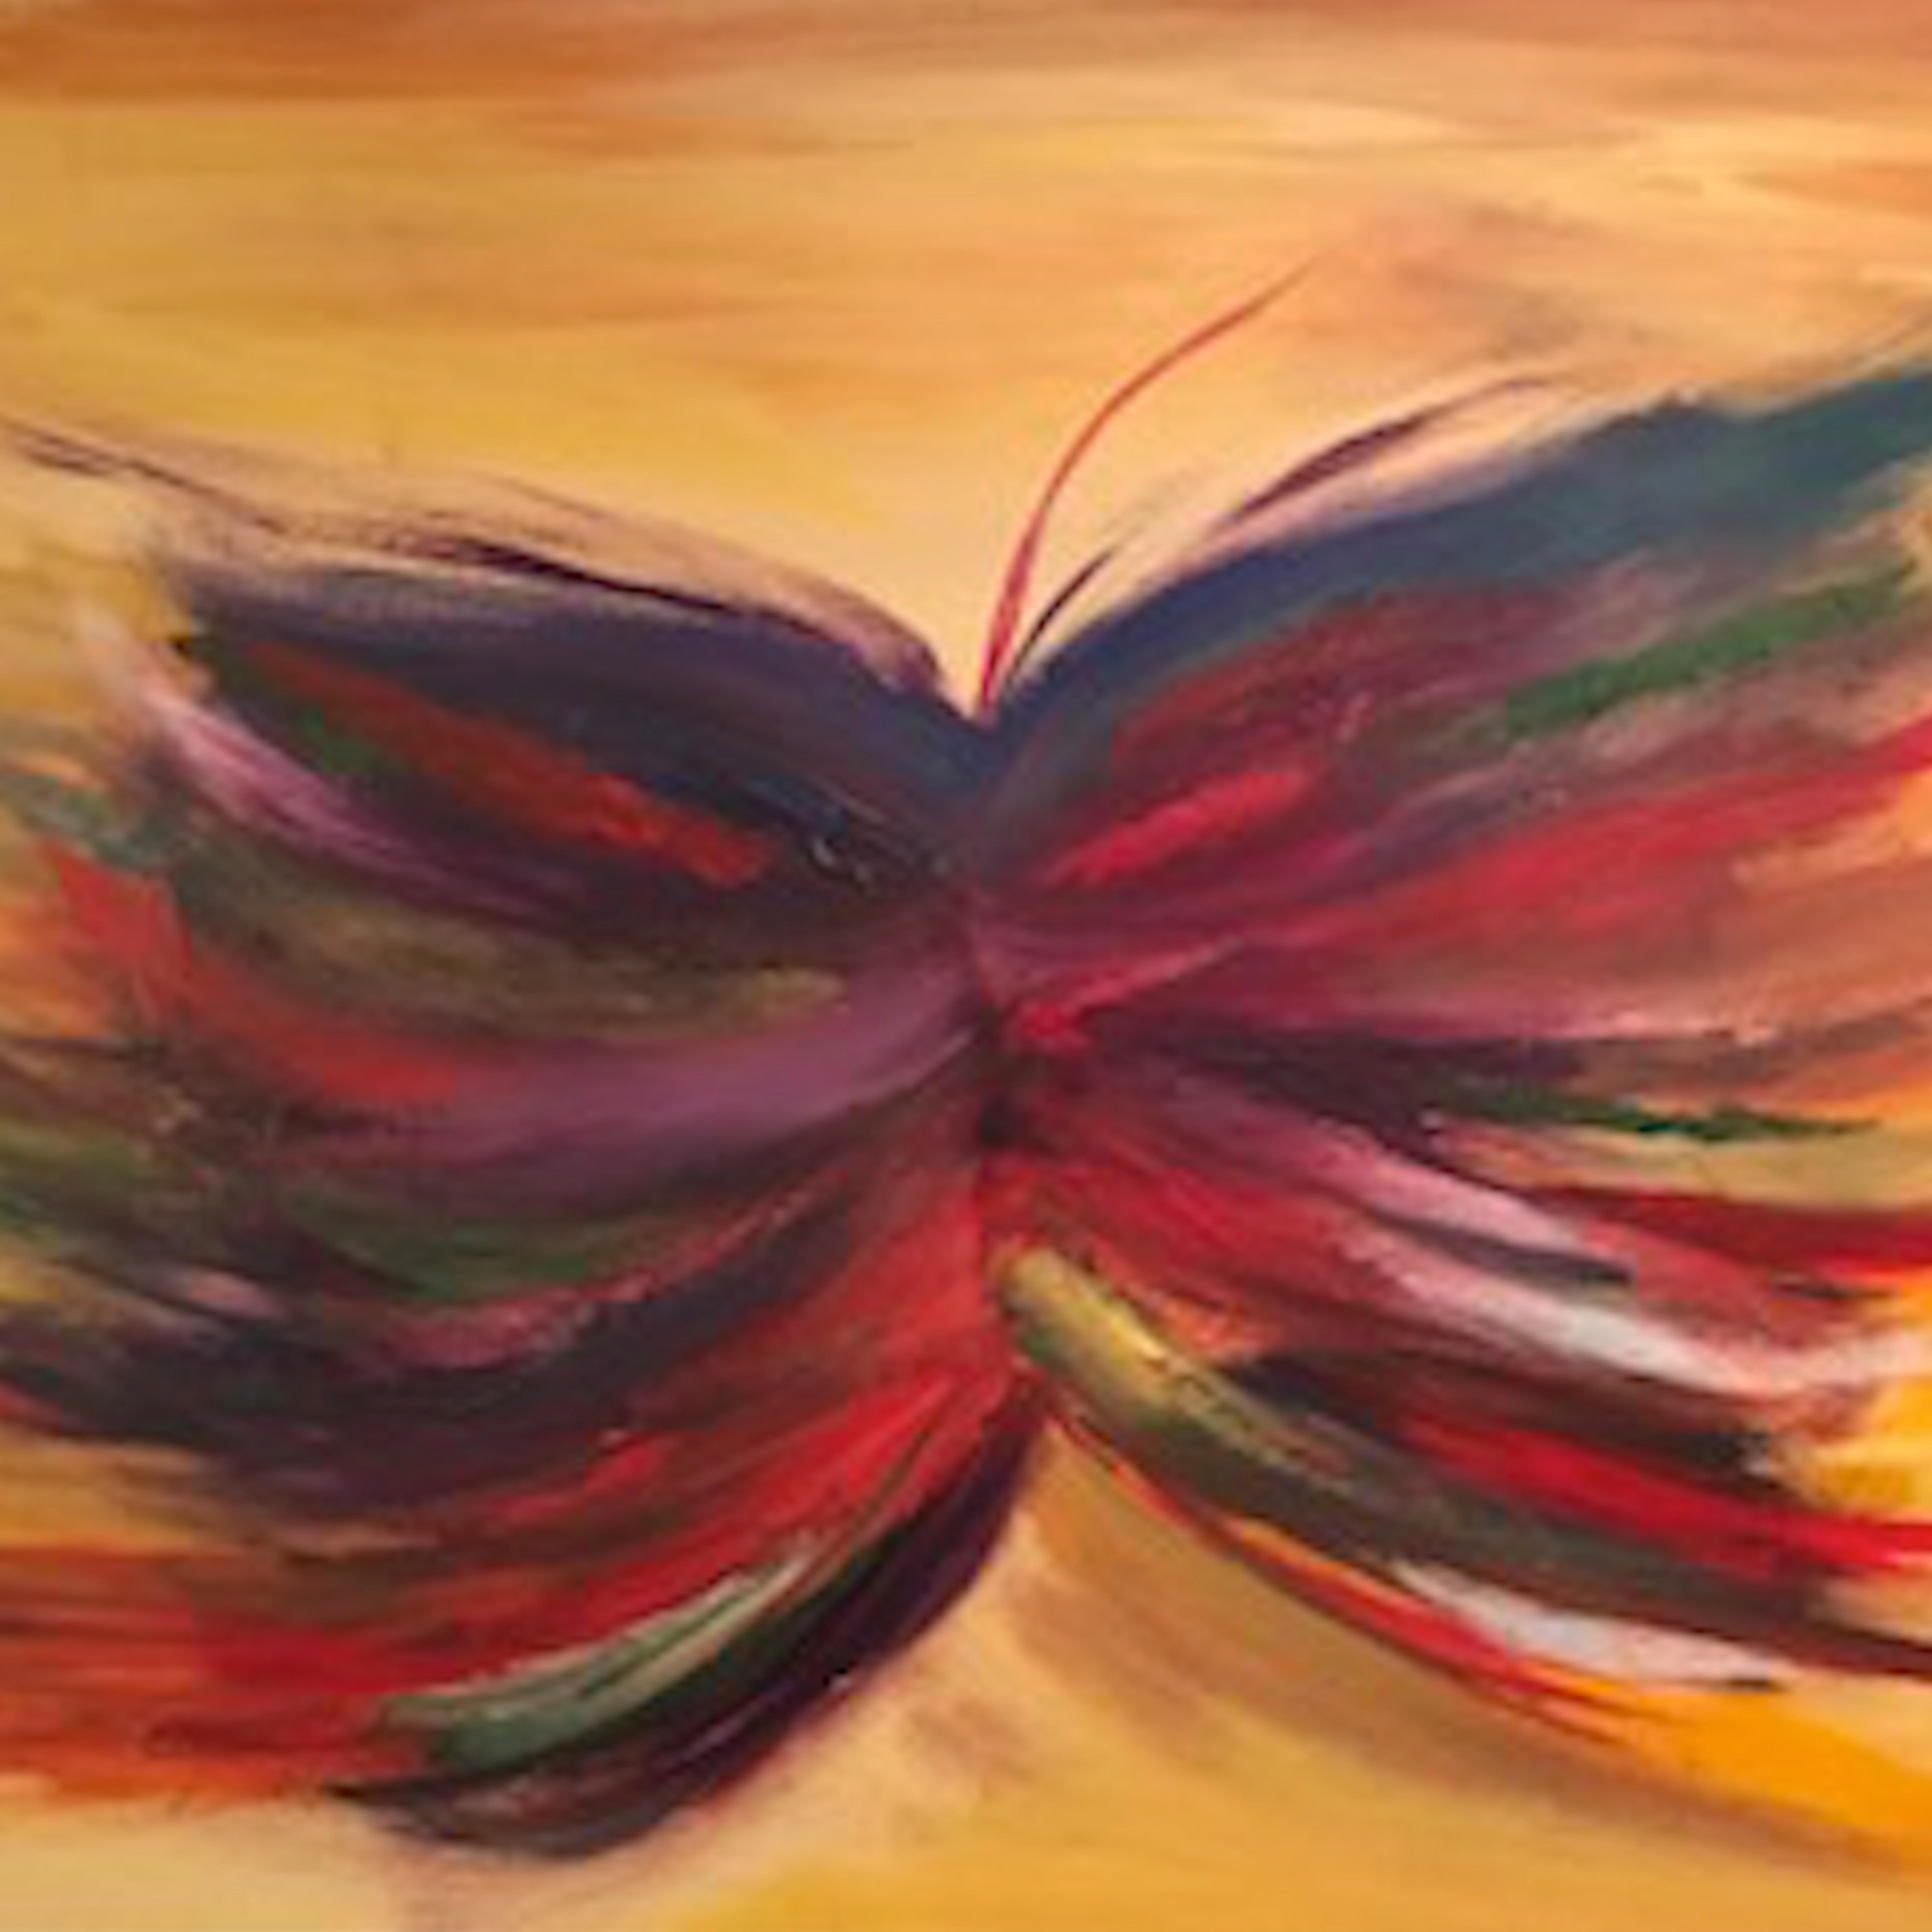 The butterfly lj1du5